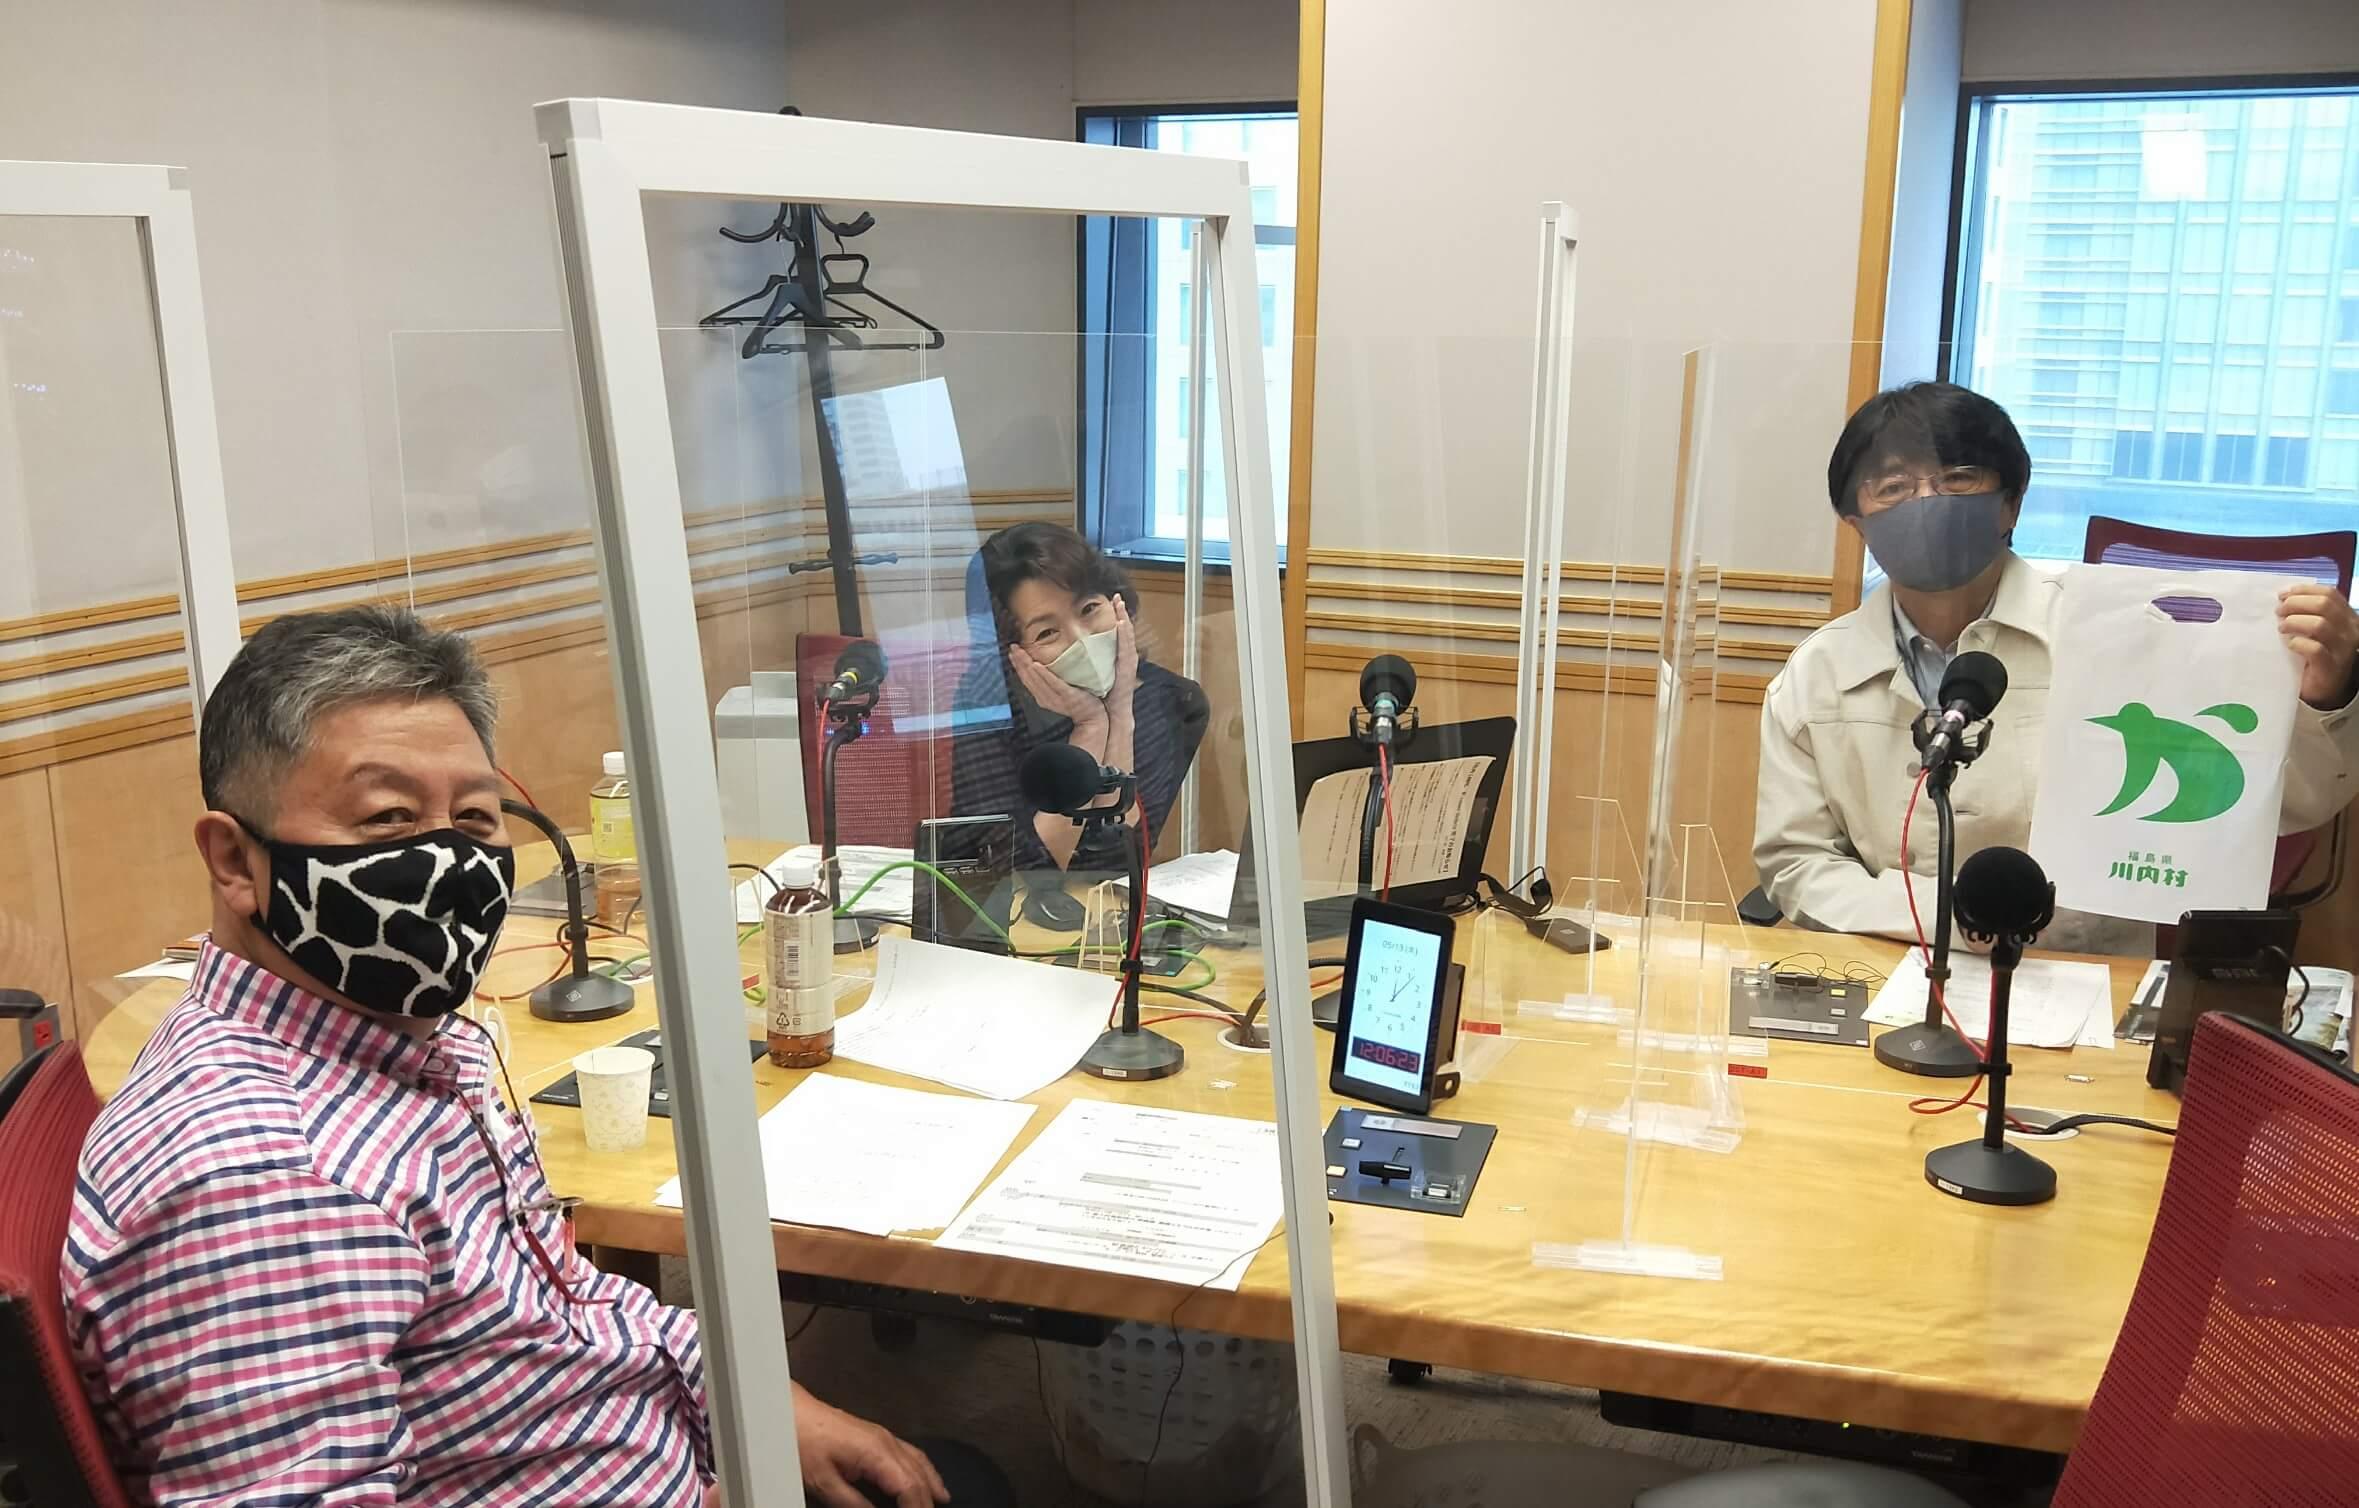 『くにまるジャパン極・くにまるレポーターズ』5月13日(木)のお客様:山本ケイゾーさん